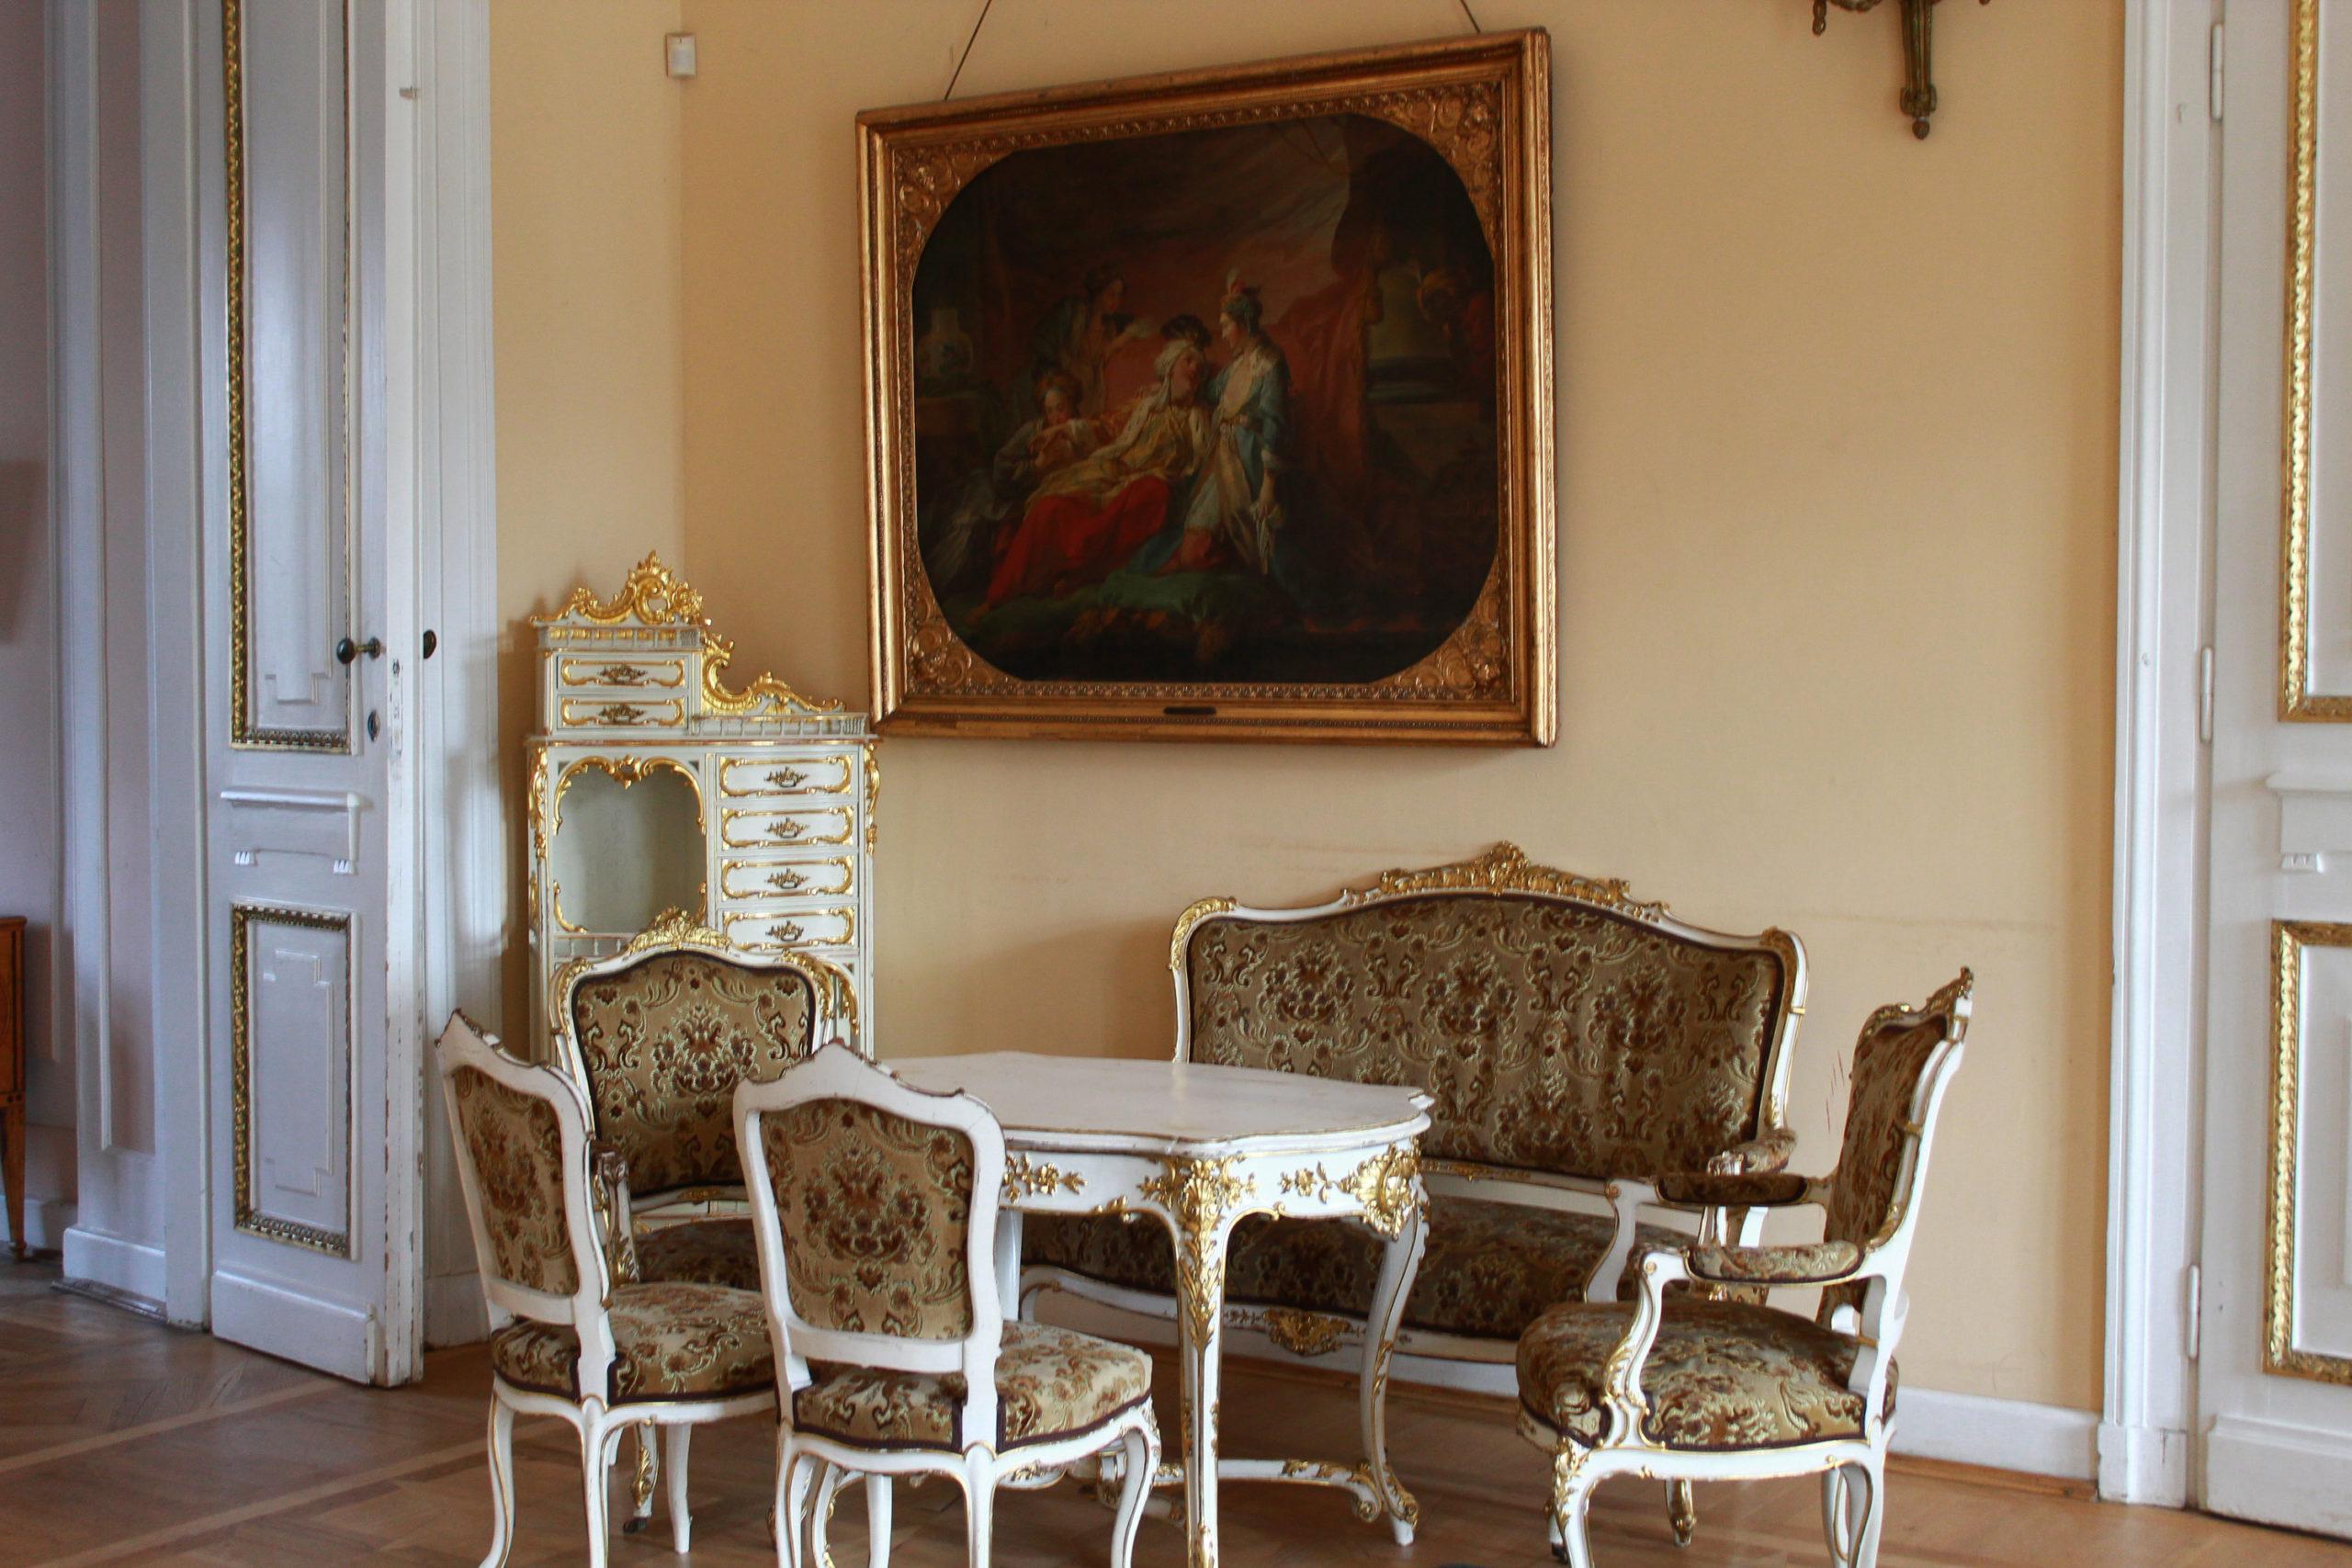 klasyczne krzesła i stół w pomieszczeniu pałacowym